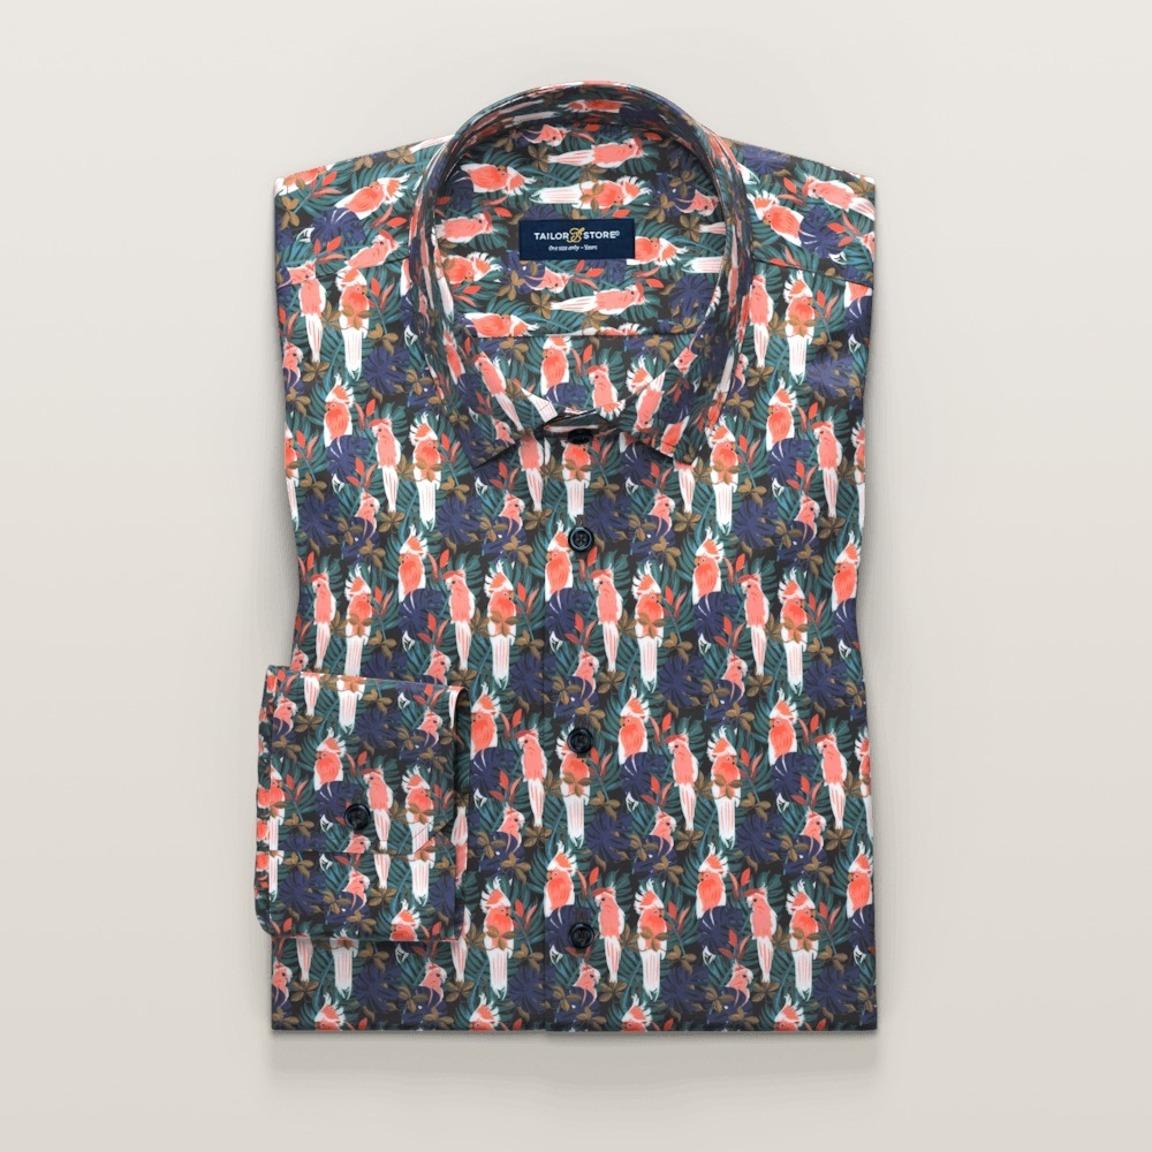 Marineblå skjorte med mønstertrykk